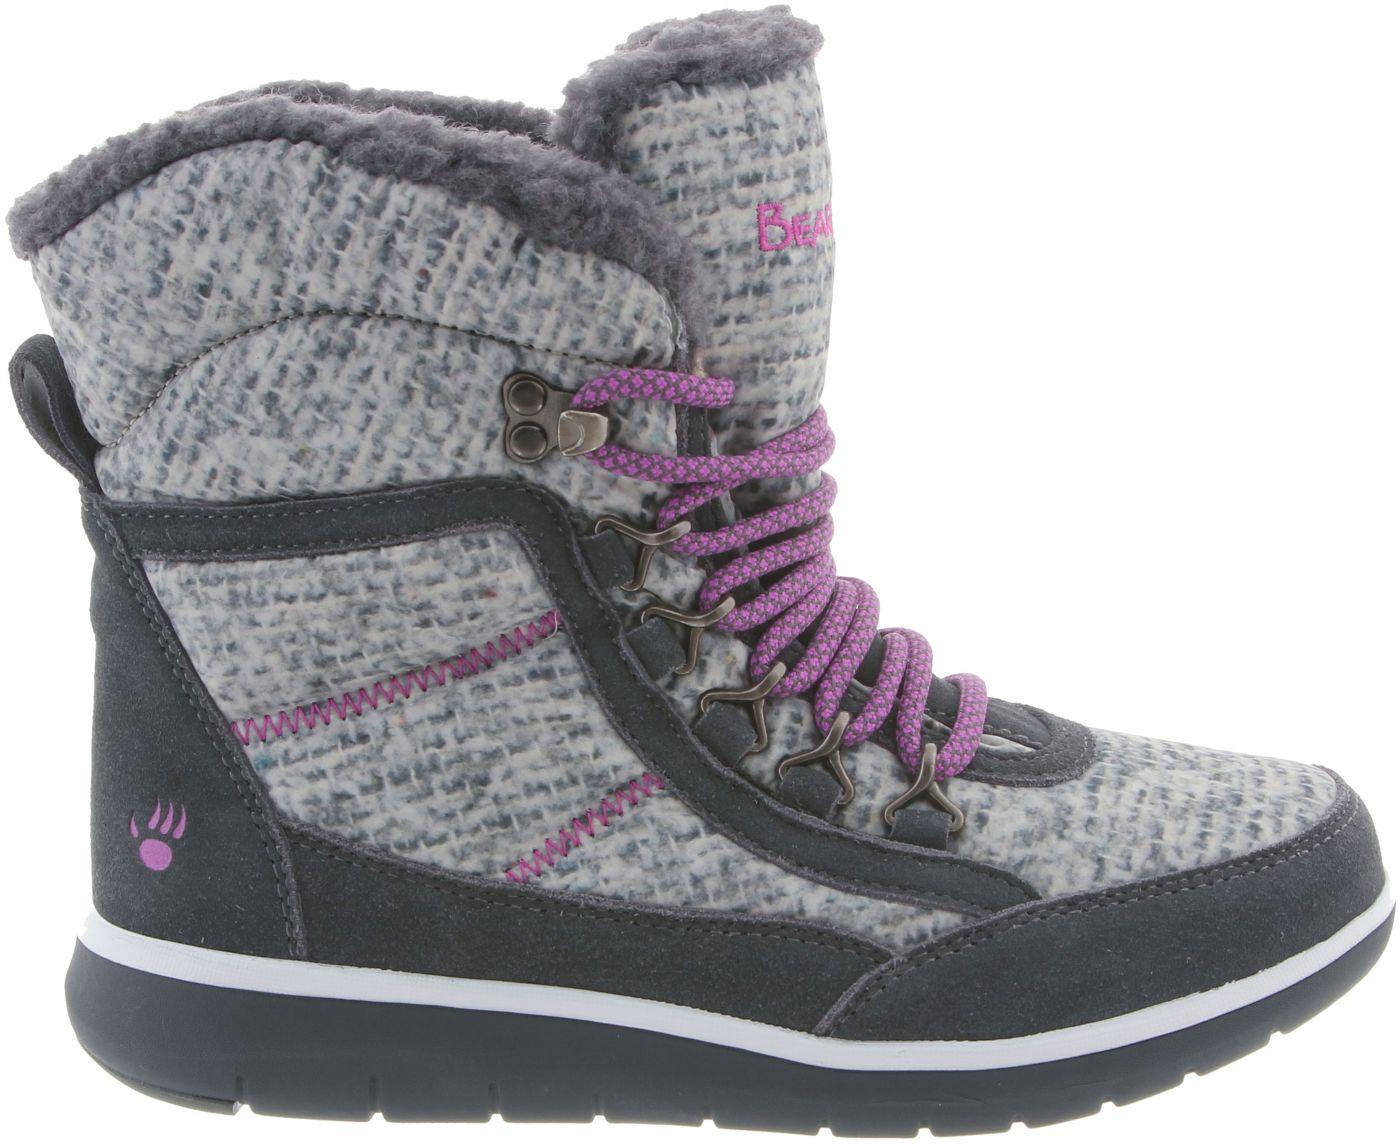 BEARPAW Women's Ruby Winter Boots